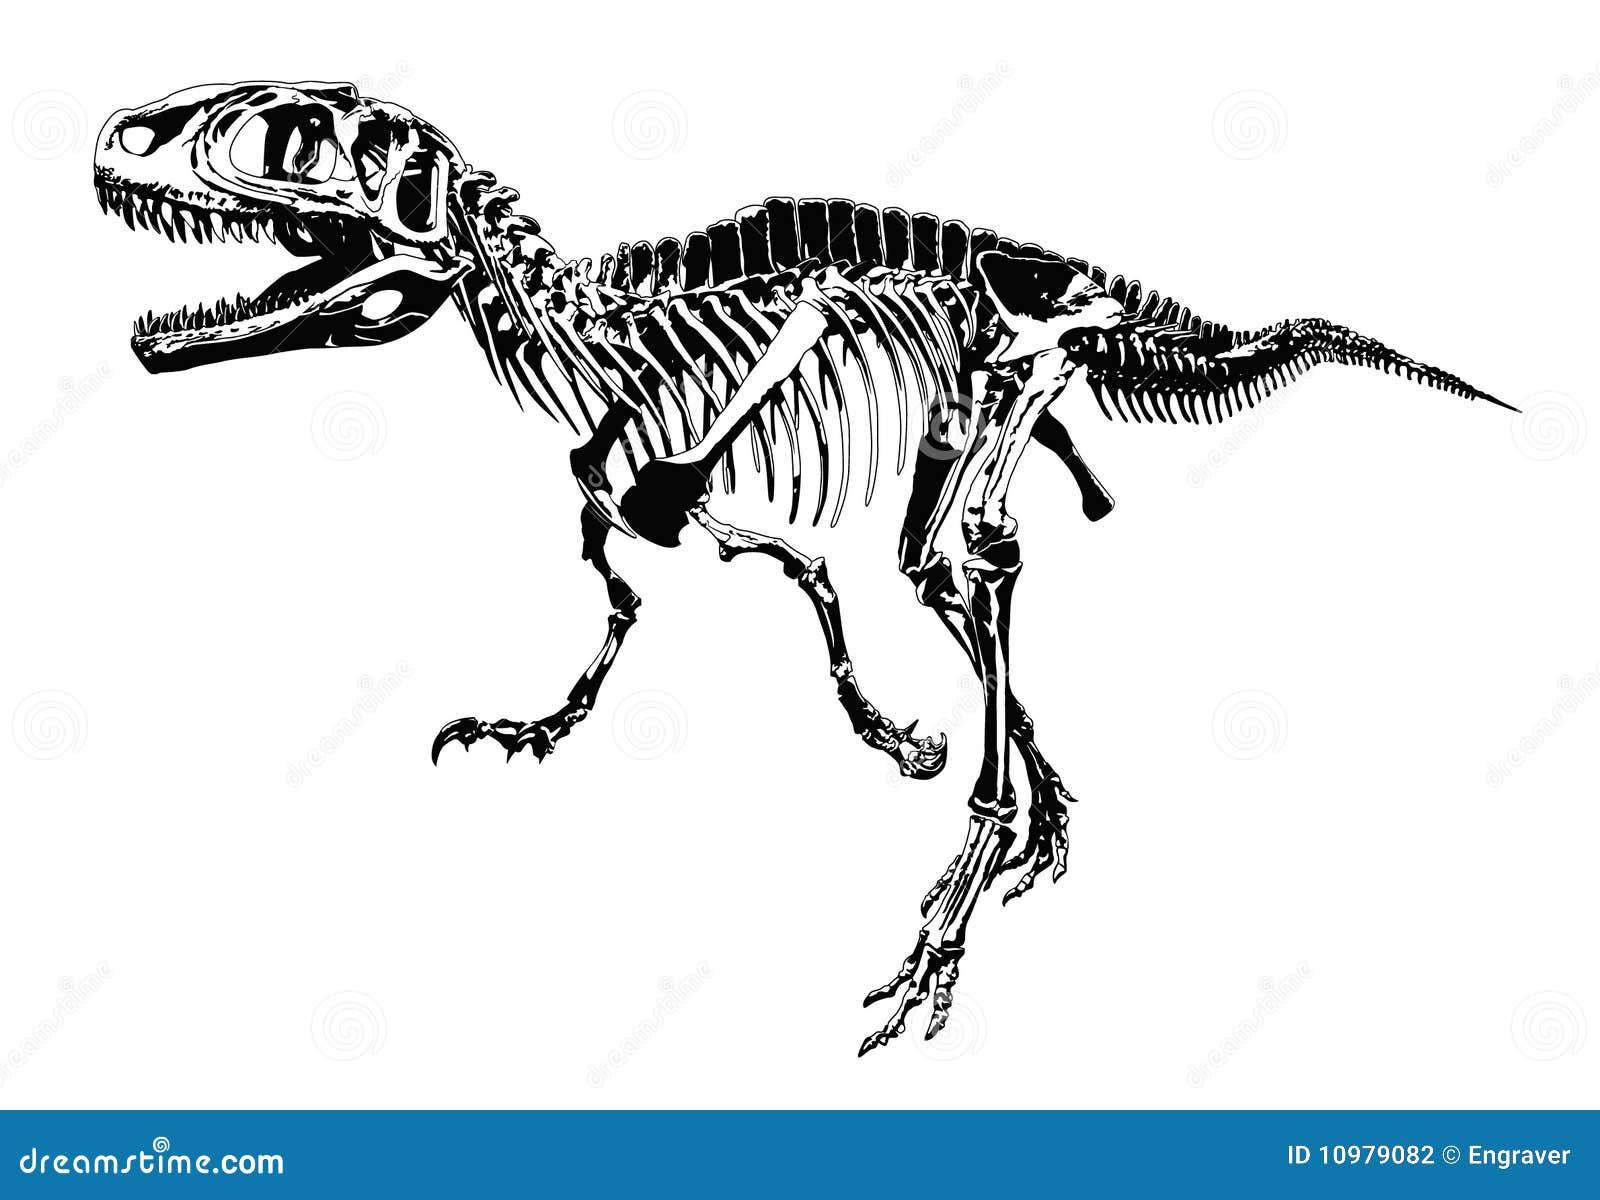 Esqueleto del dinosaurio ilustración del vector. Ilustración de ...